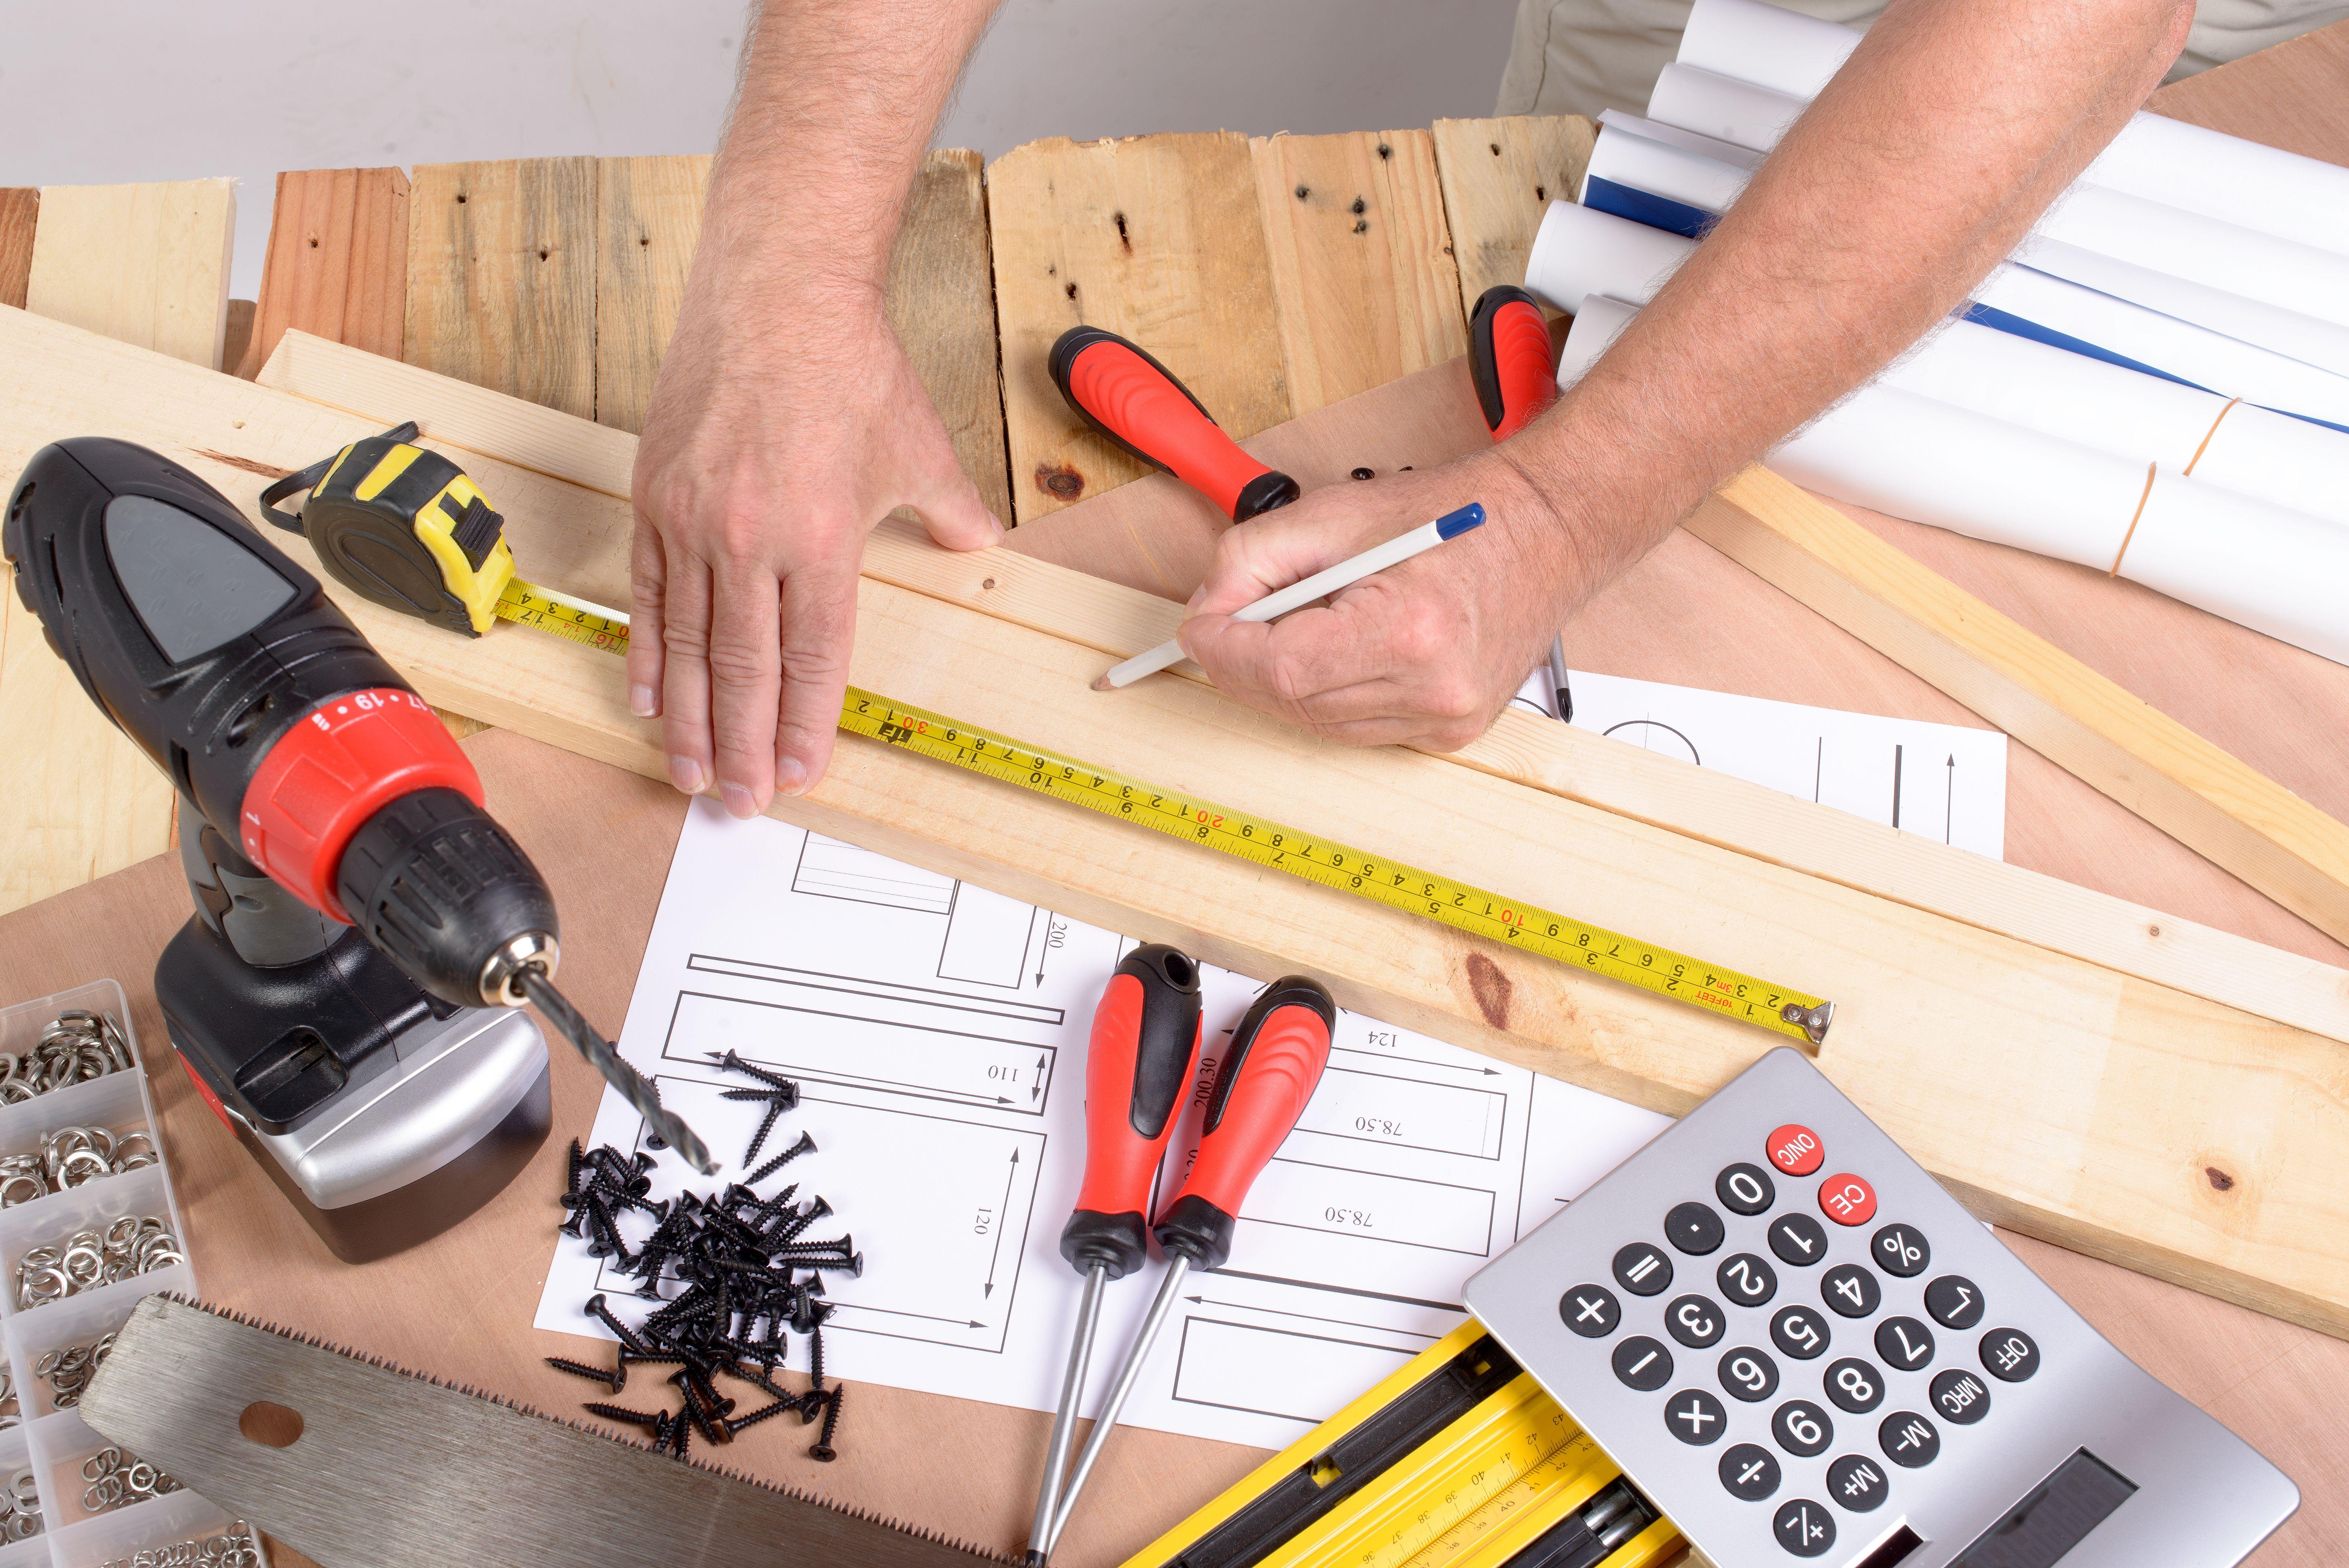 Muebles a medida: Productos y servicios de Carpintería Arias